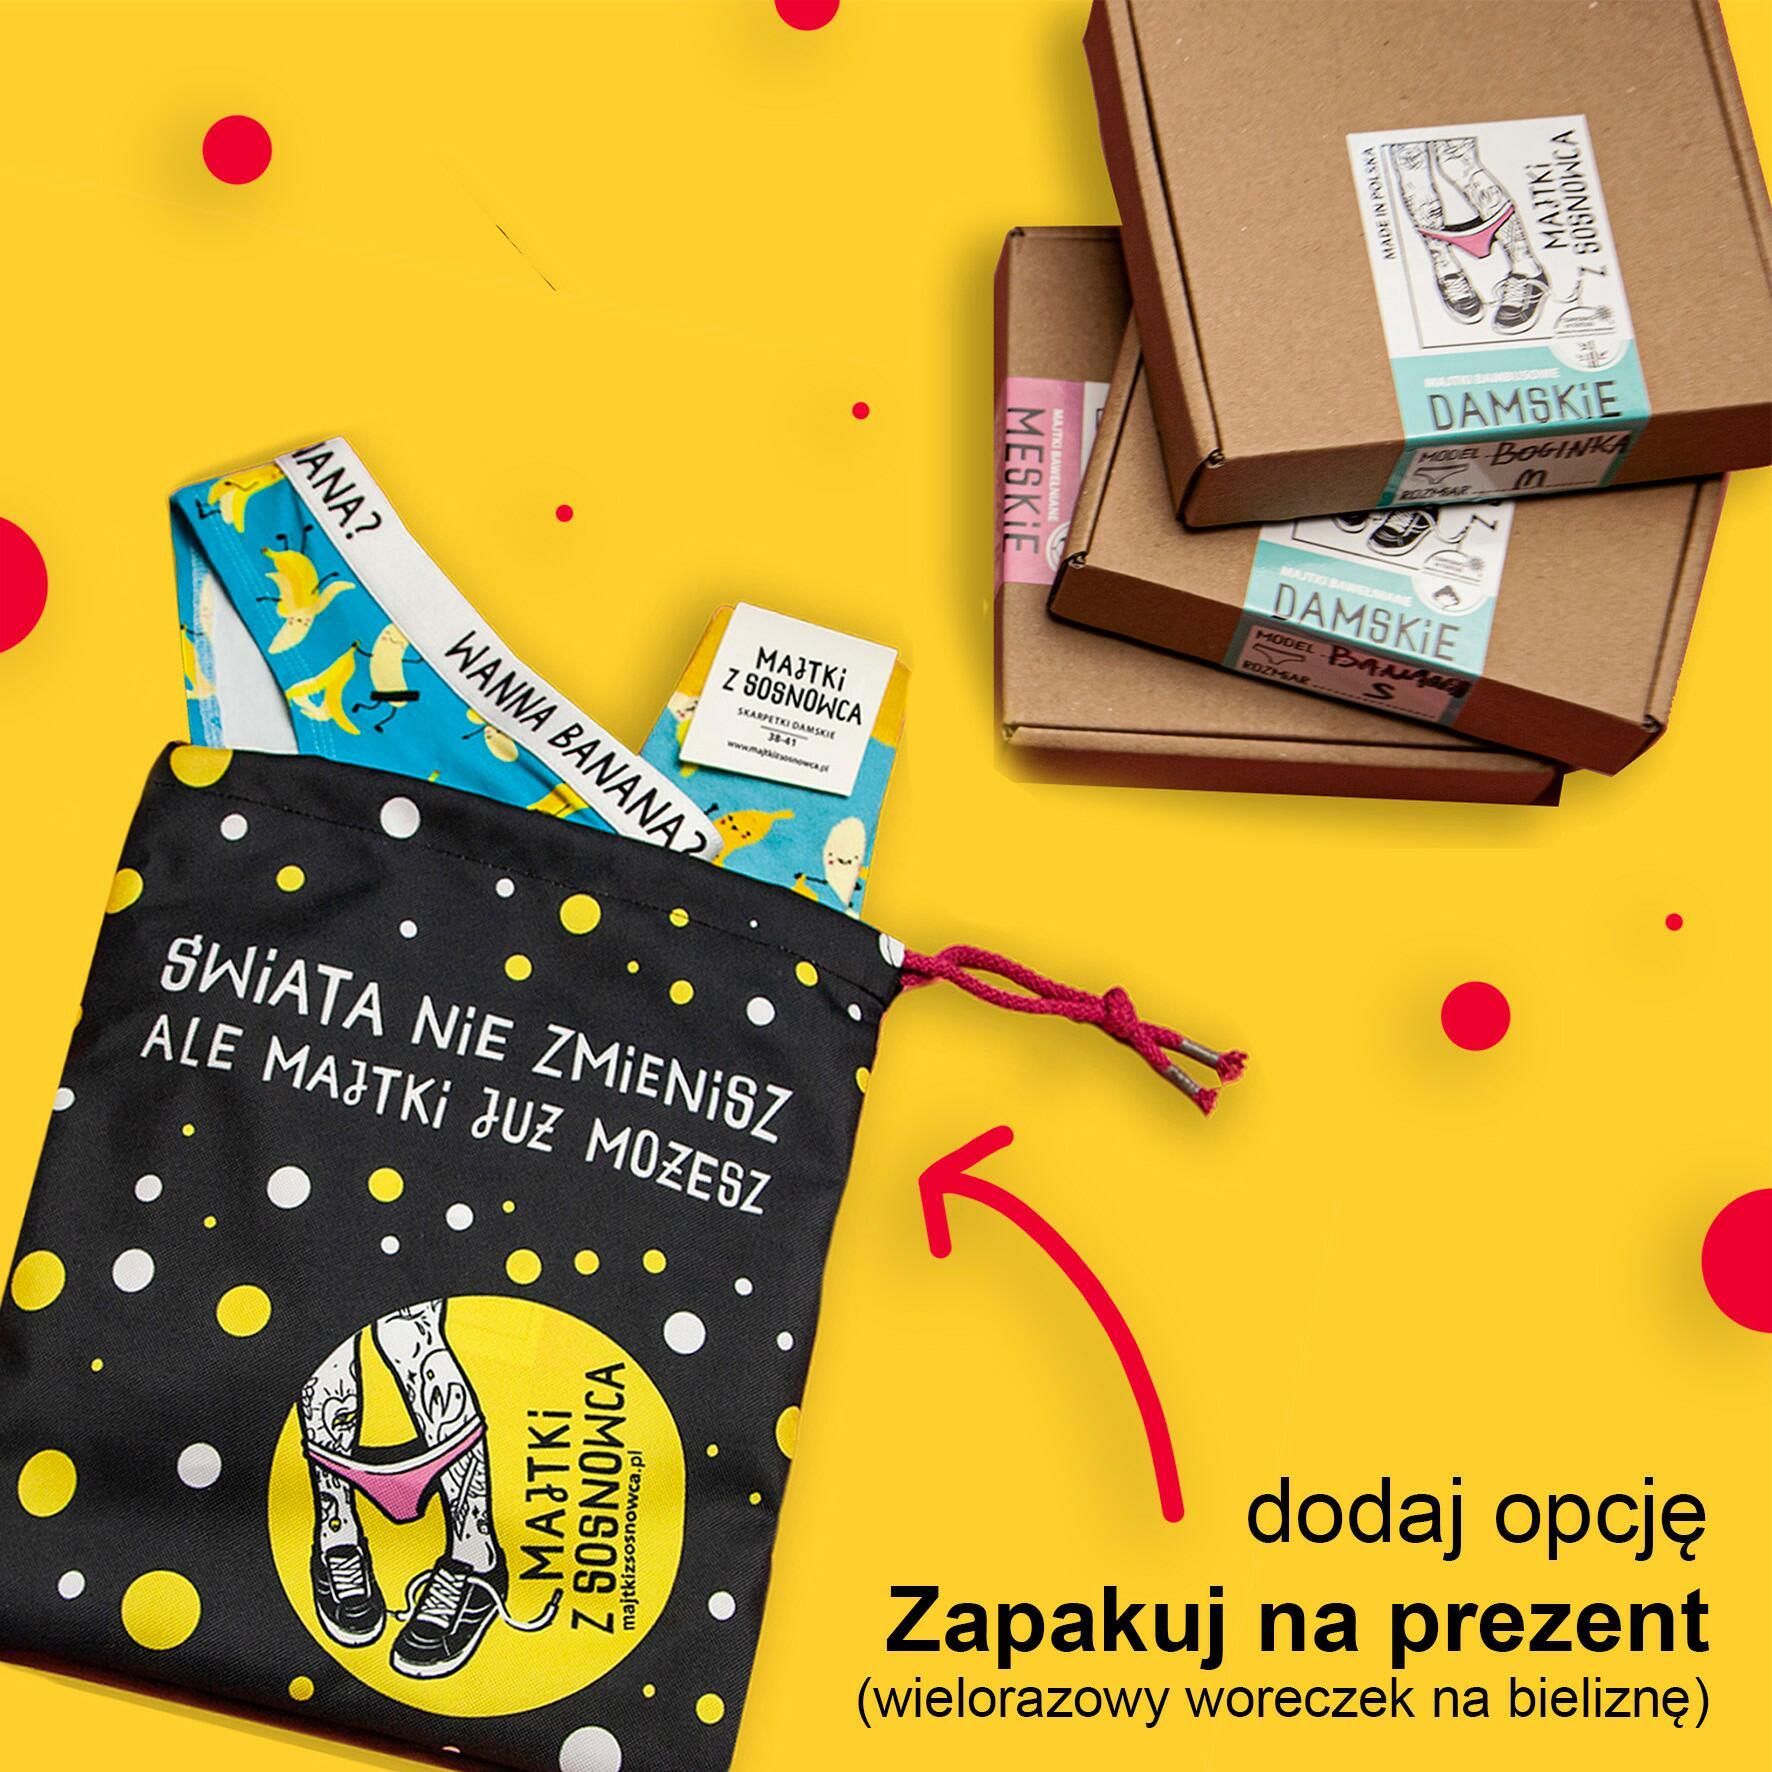 Chcesz coś z Avonu? - PREORDER - figi bambusowe damskie - Majtki z Sosnowca by After Panty   JestemSlow.pl